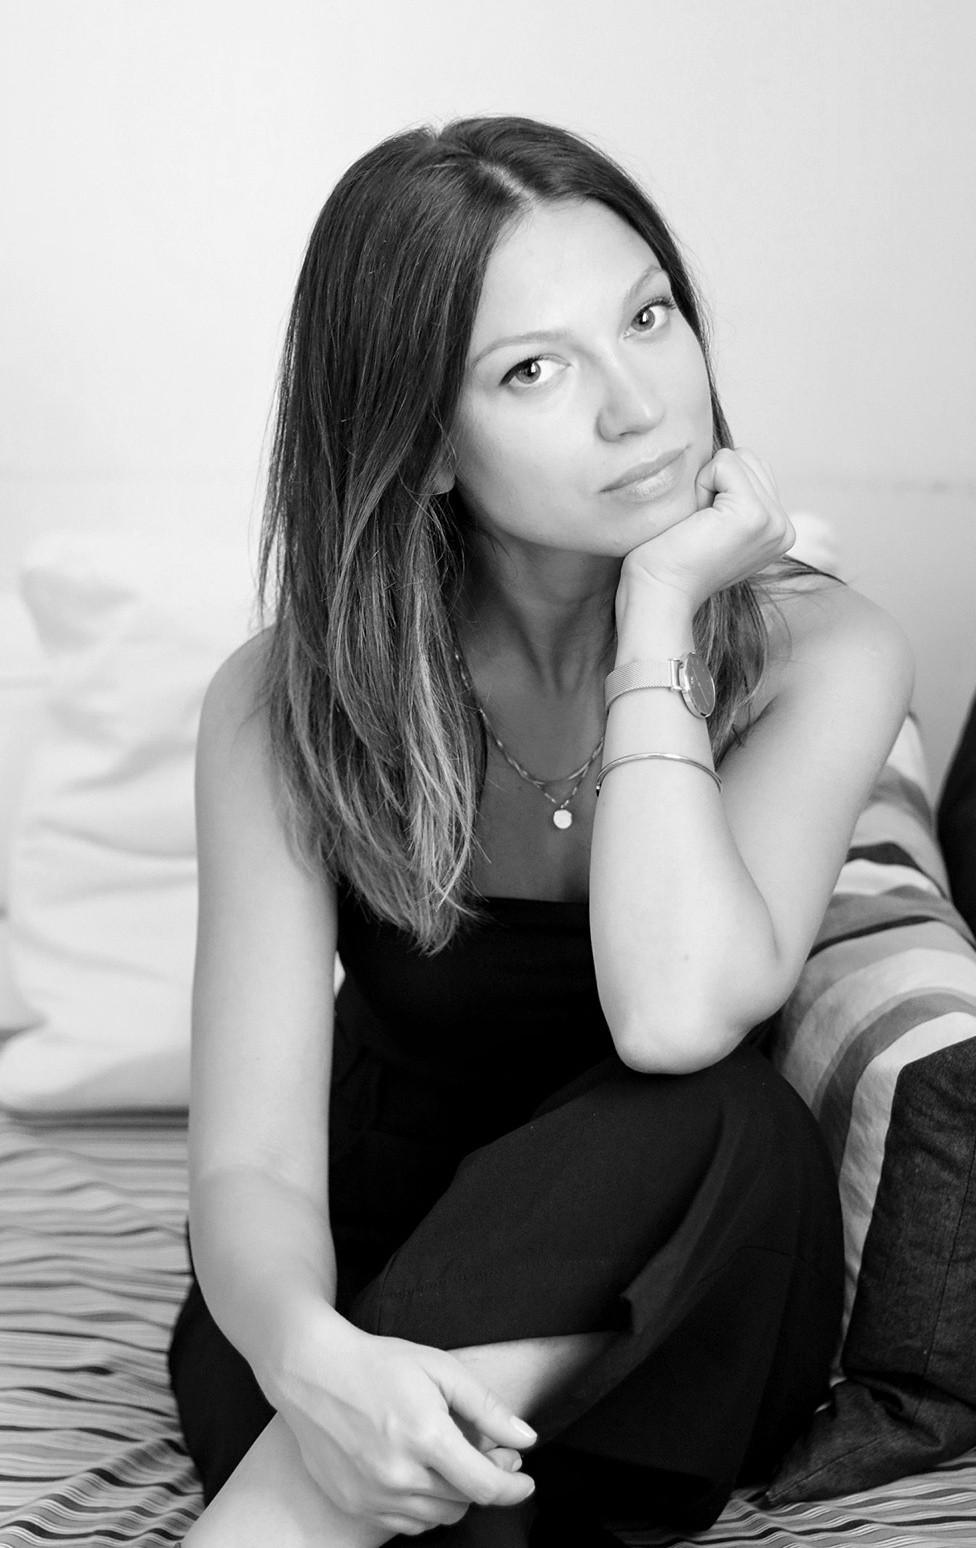 Suzana Simijonovic, Nena Kay. Image Copyright: Nena Kay